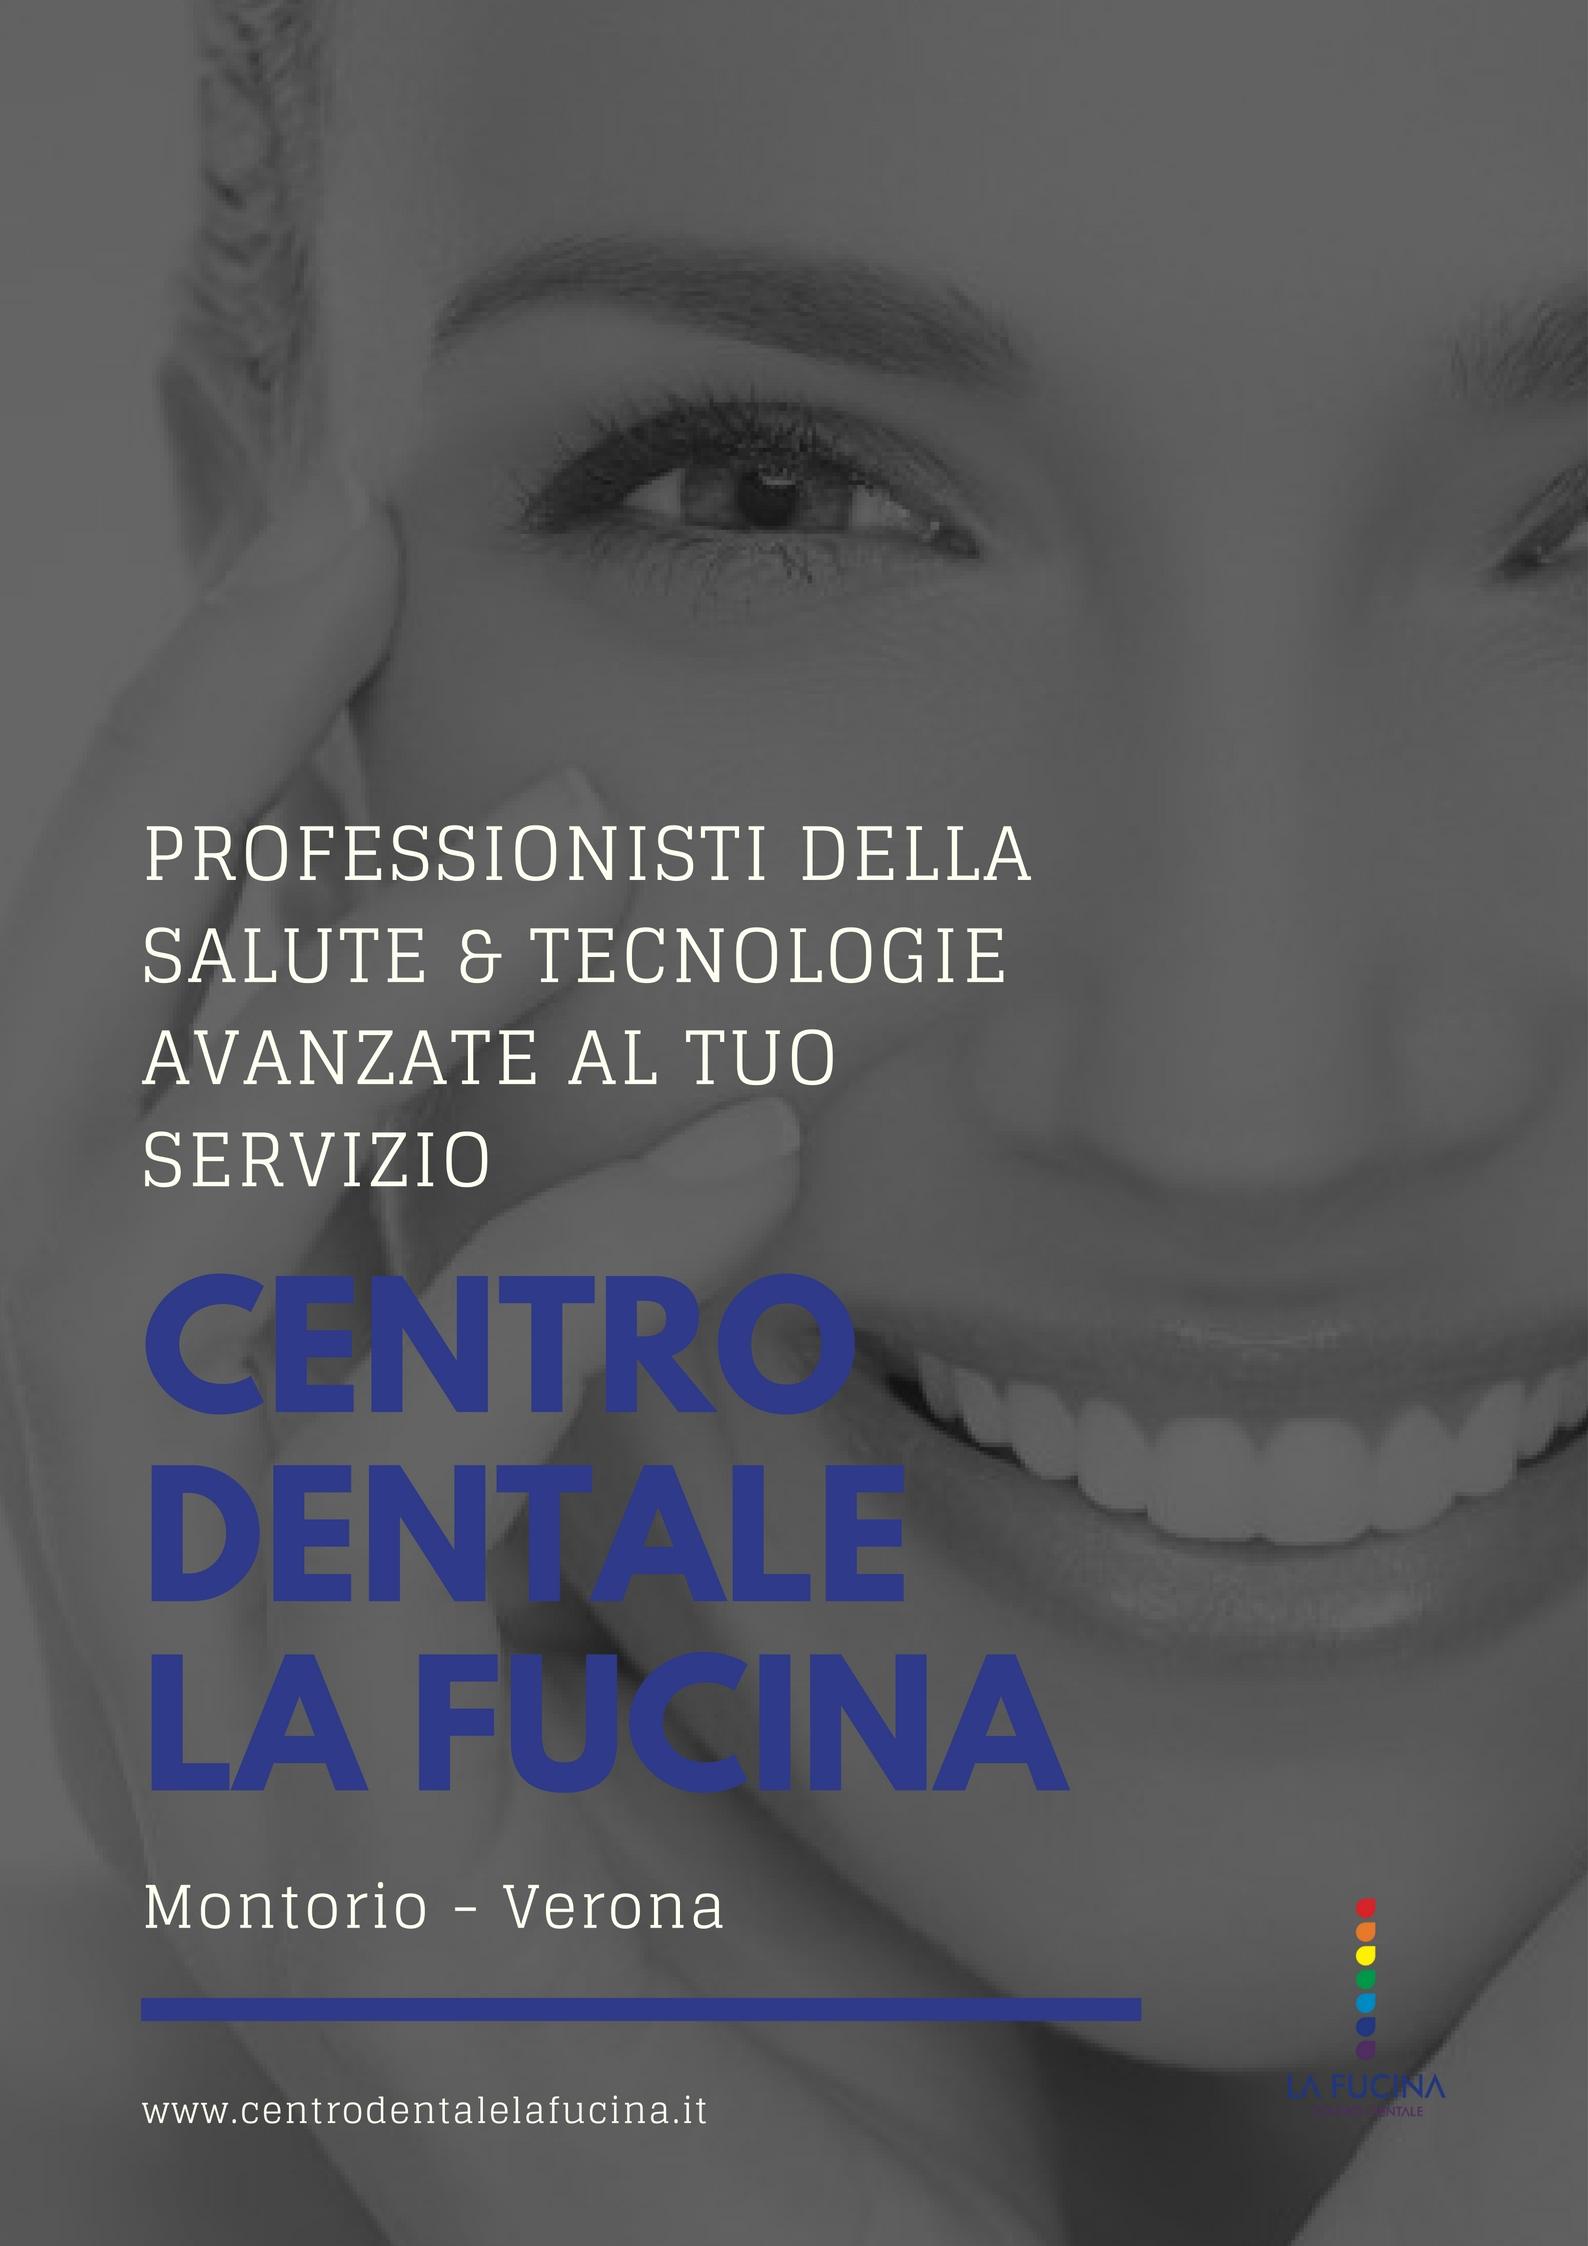 centro_dentale_lafucina_poster_ok